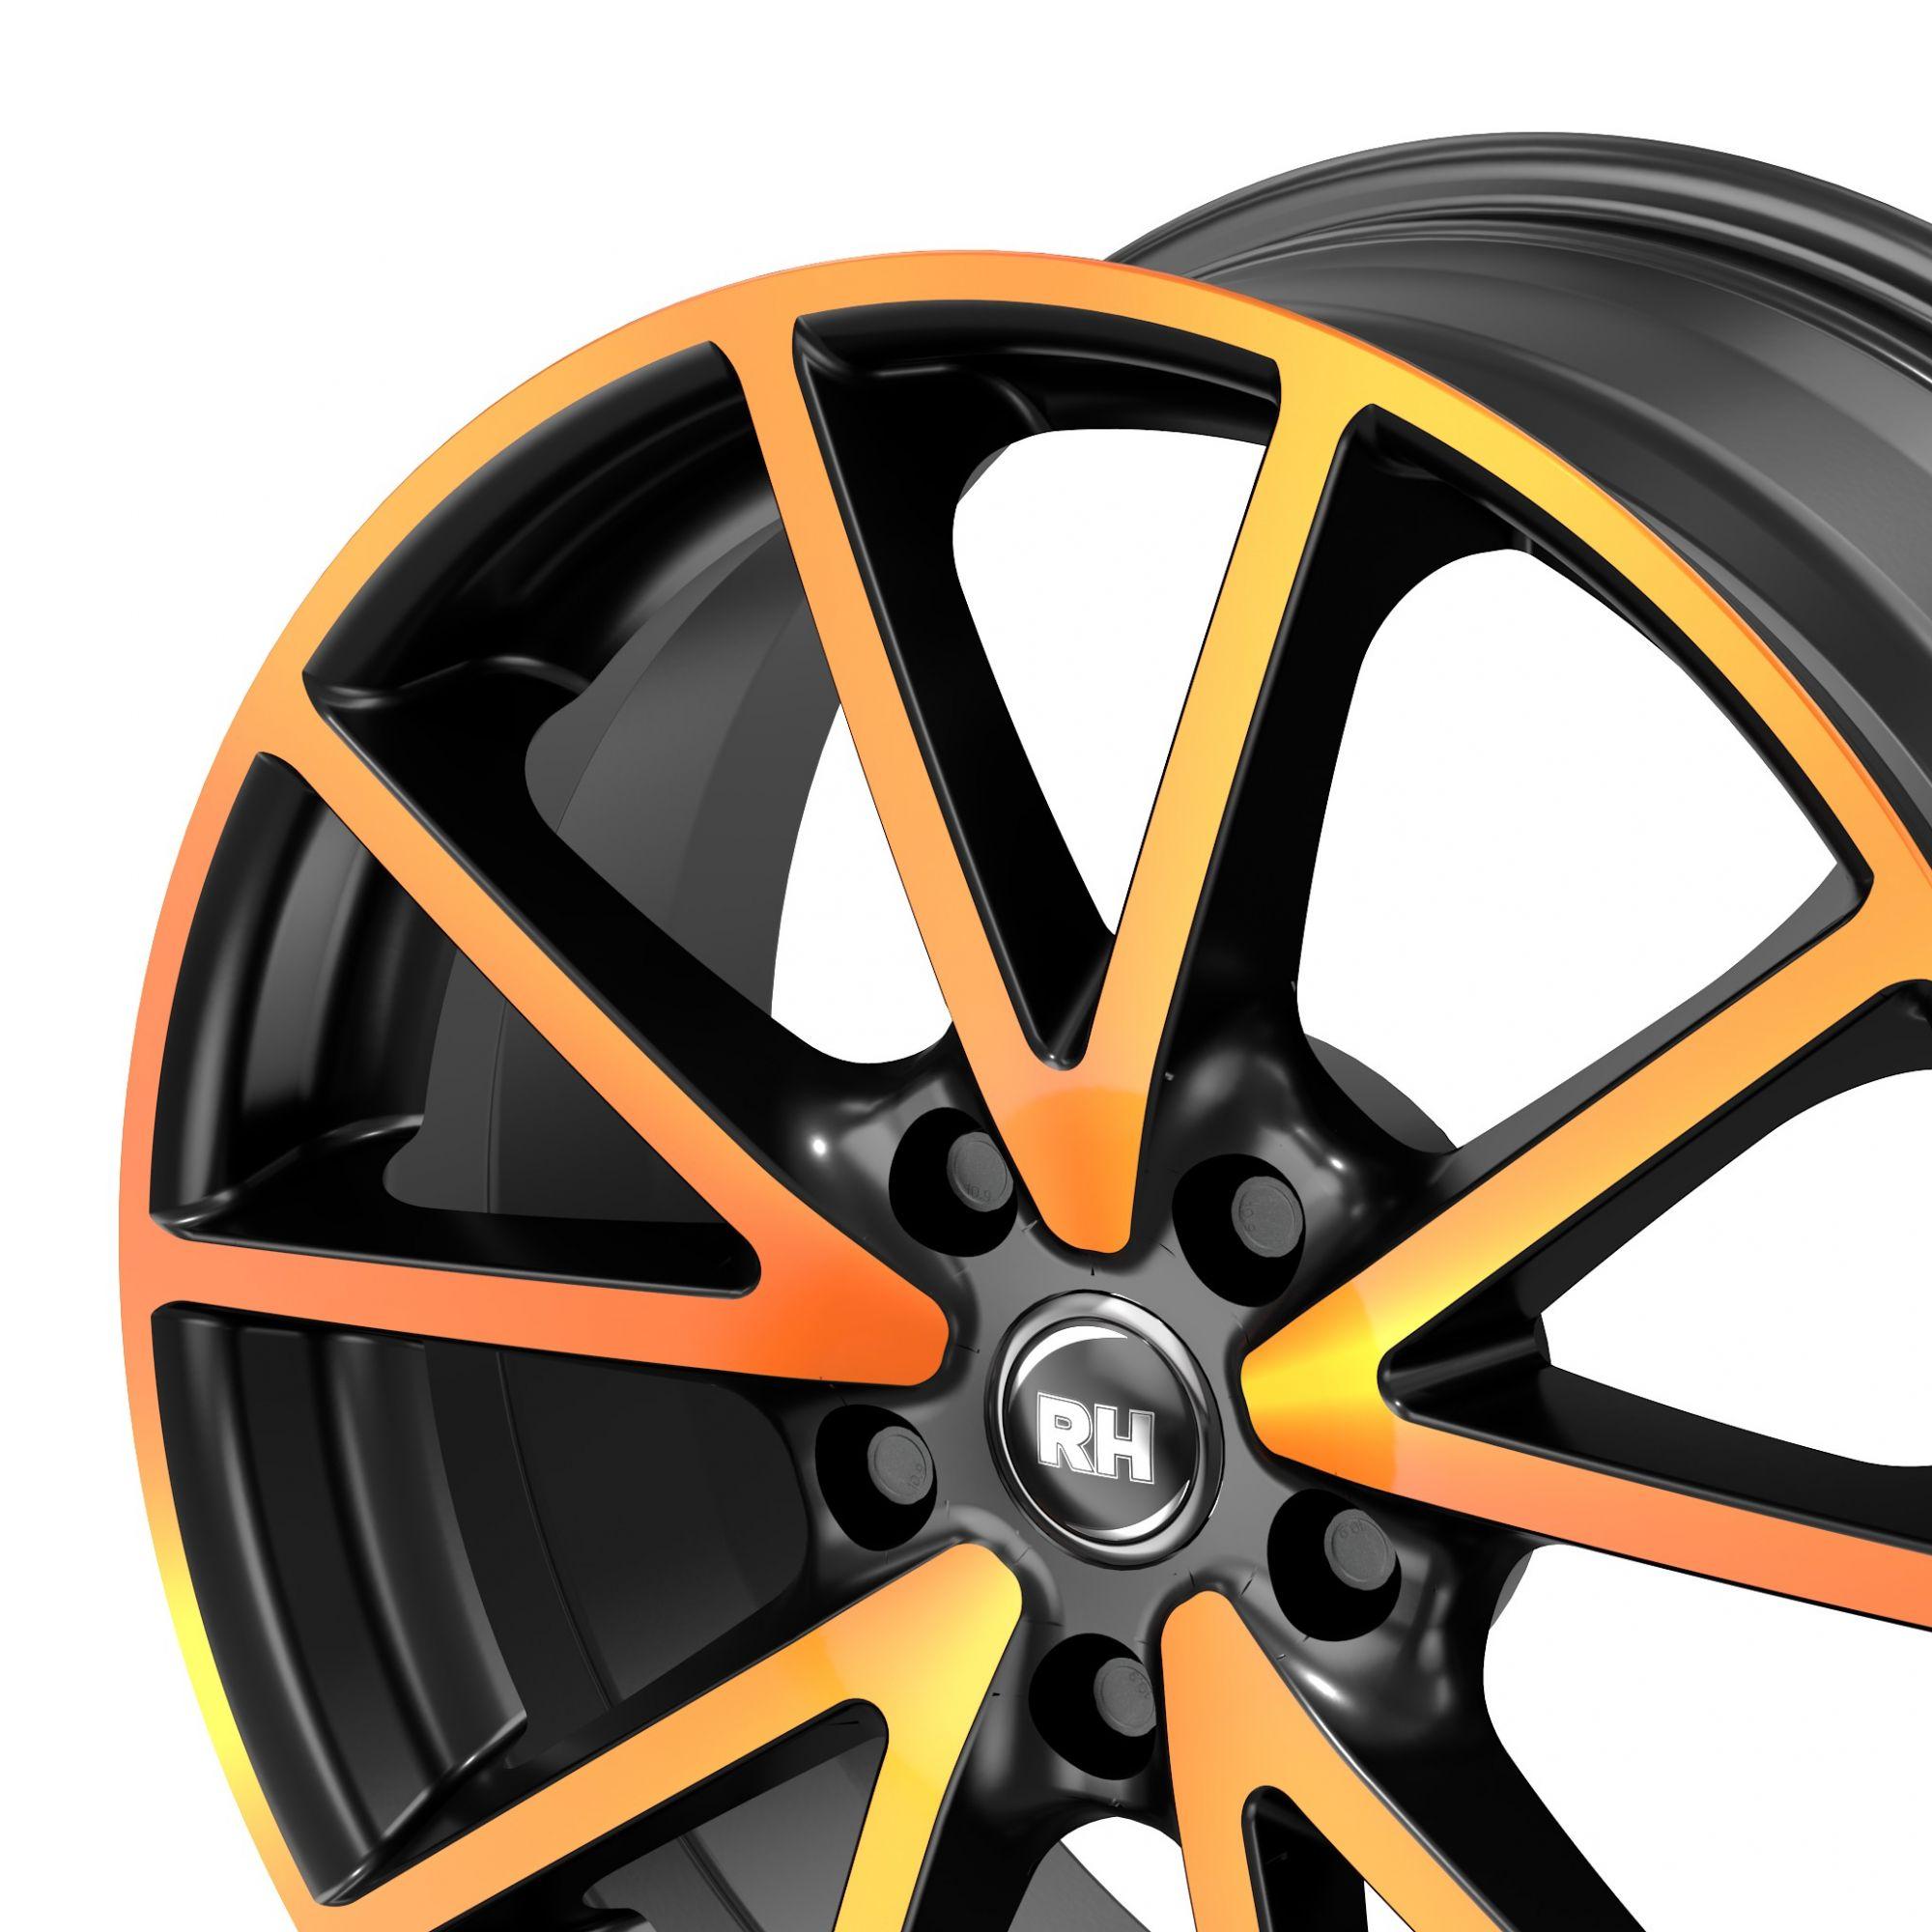 rh alurad de sports felgen color polished orange in 18. Black Bedroom Furniture Sets. Home Design Ideas